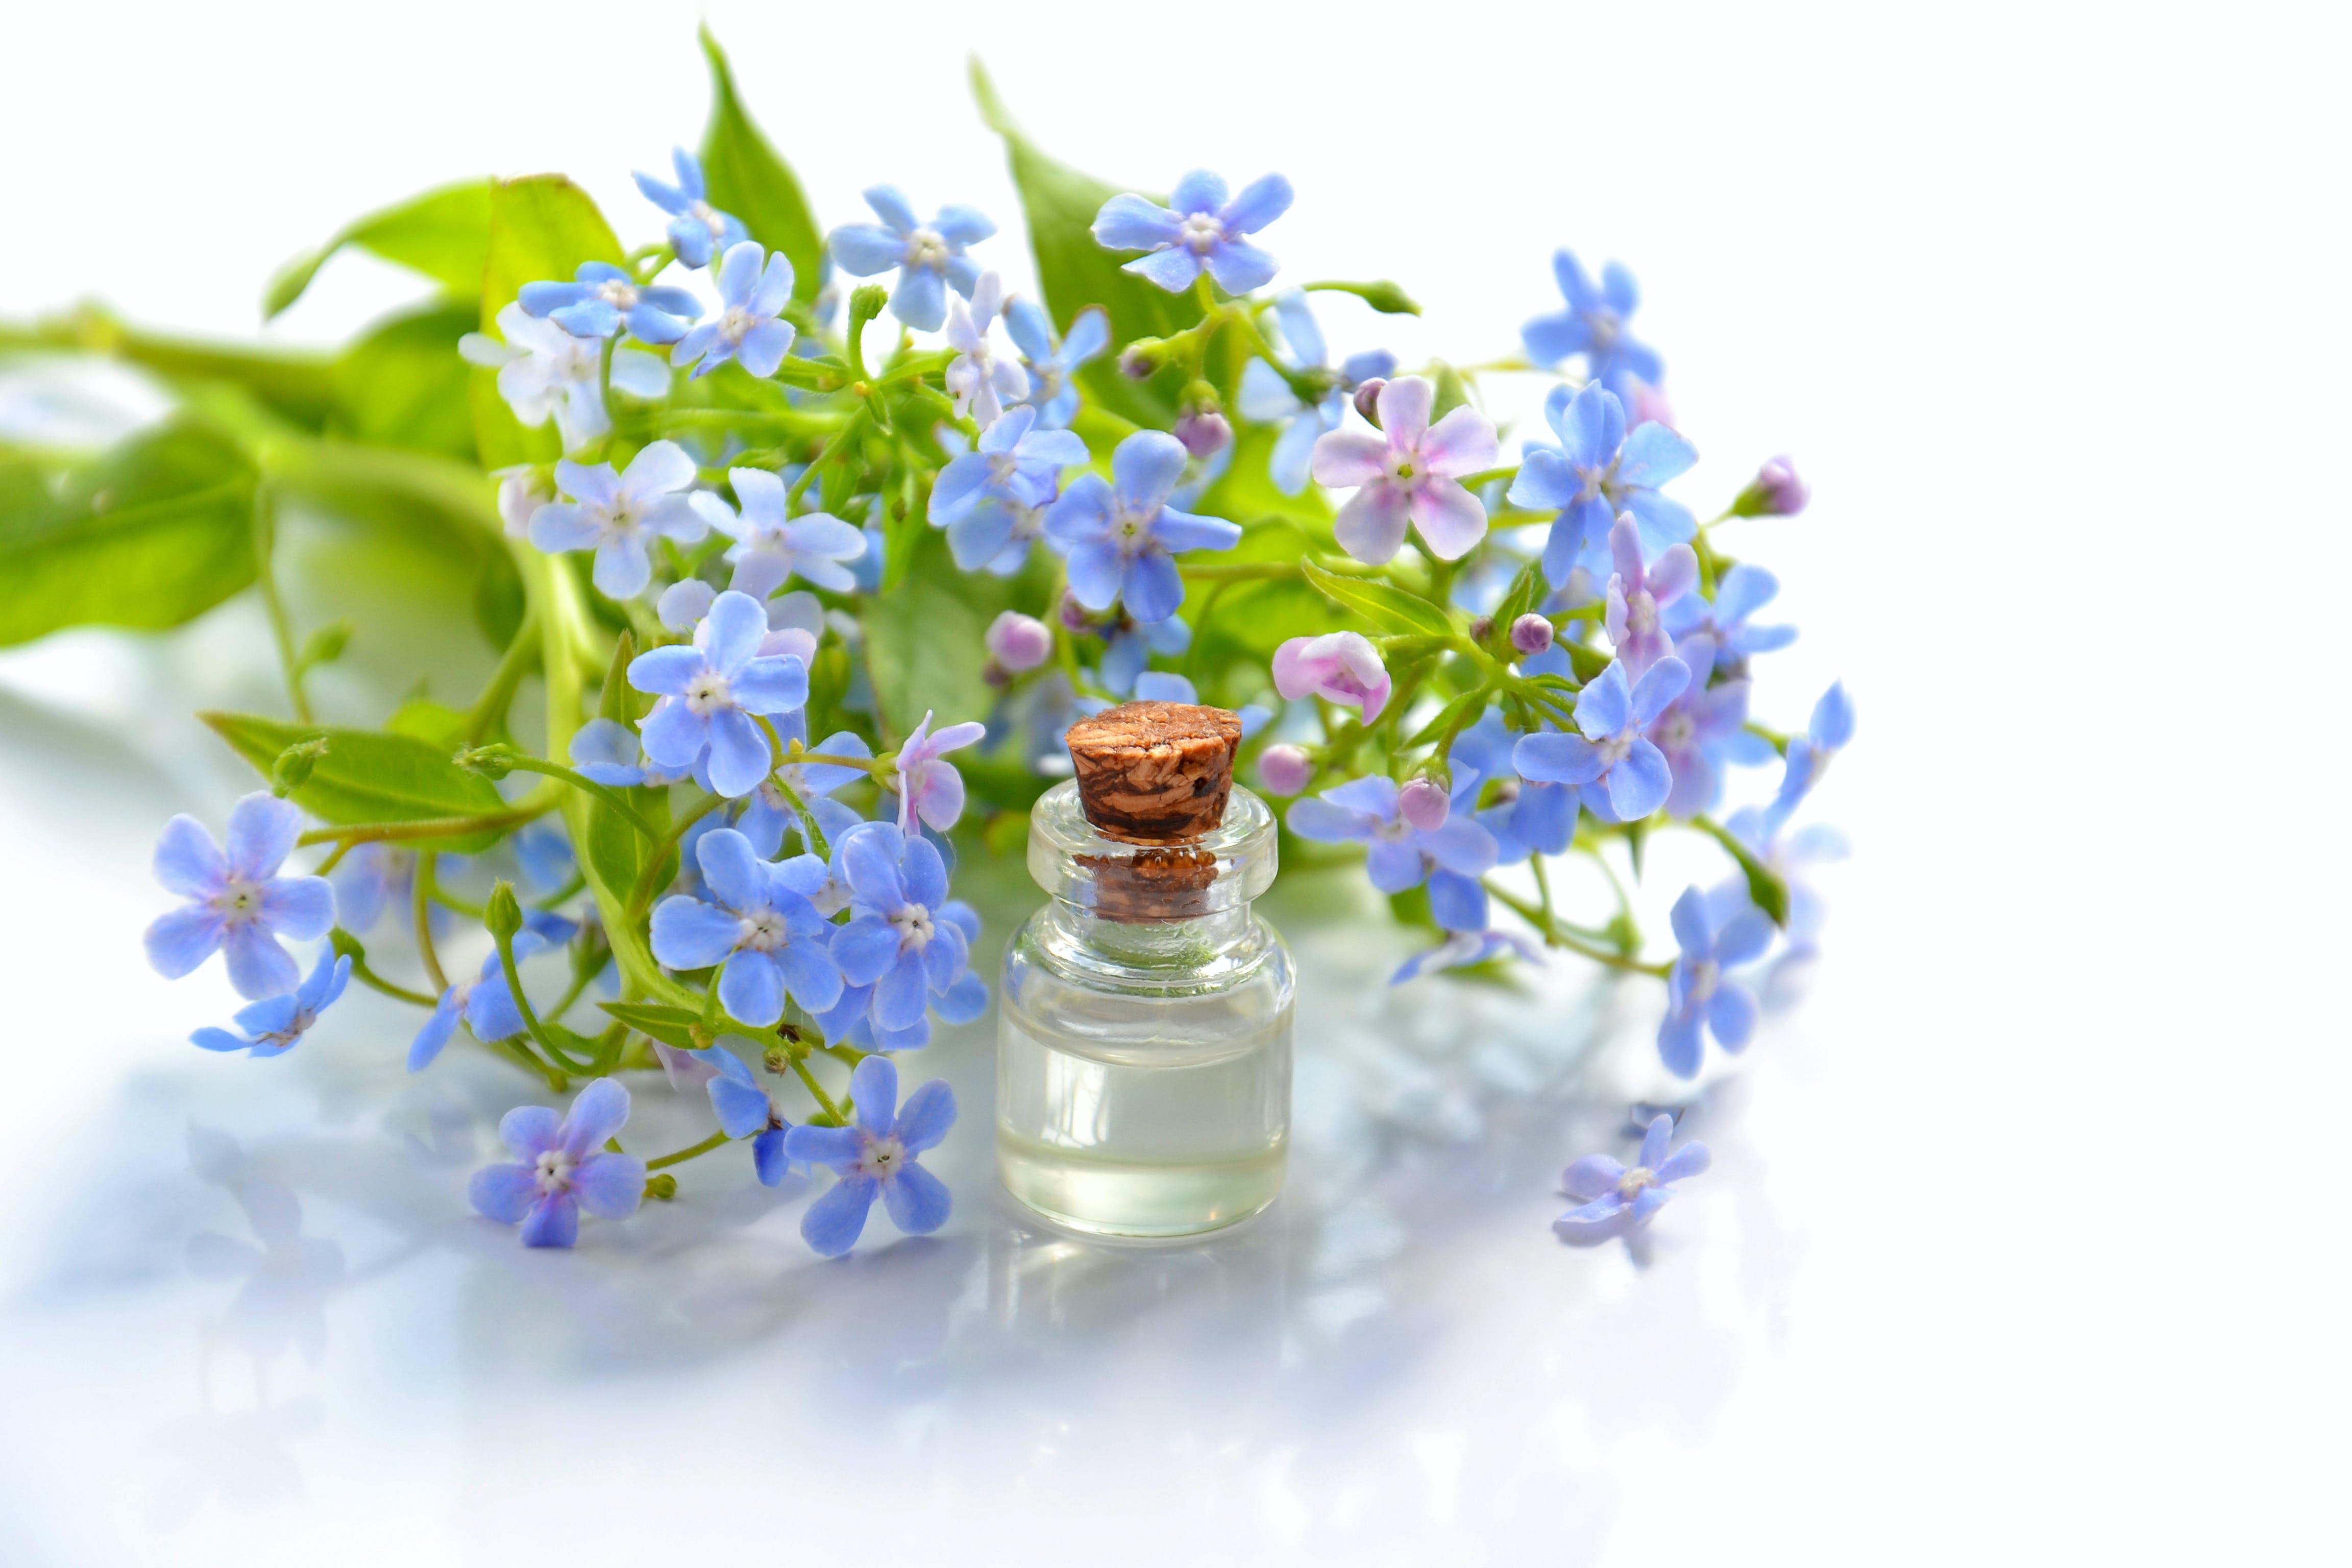 Purple Flowers Beside Clear Glass Bottle